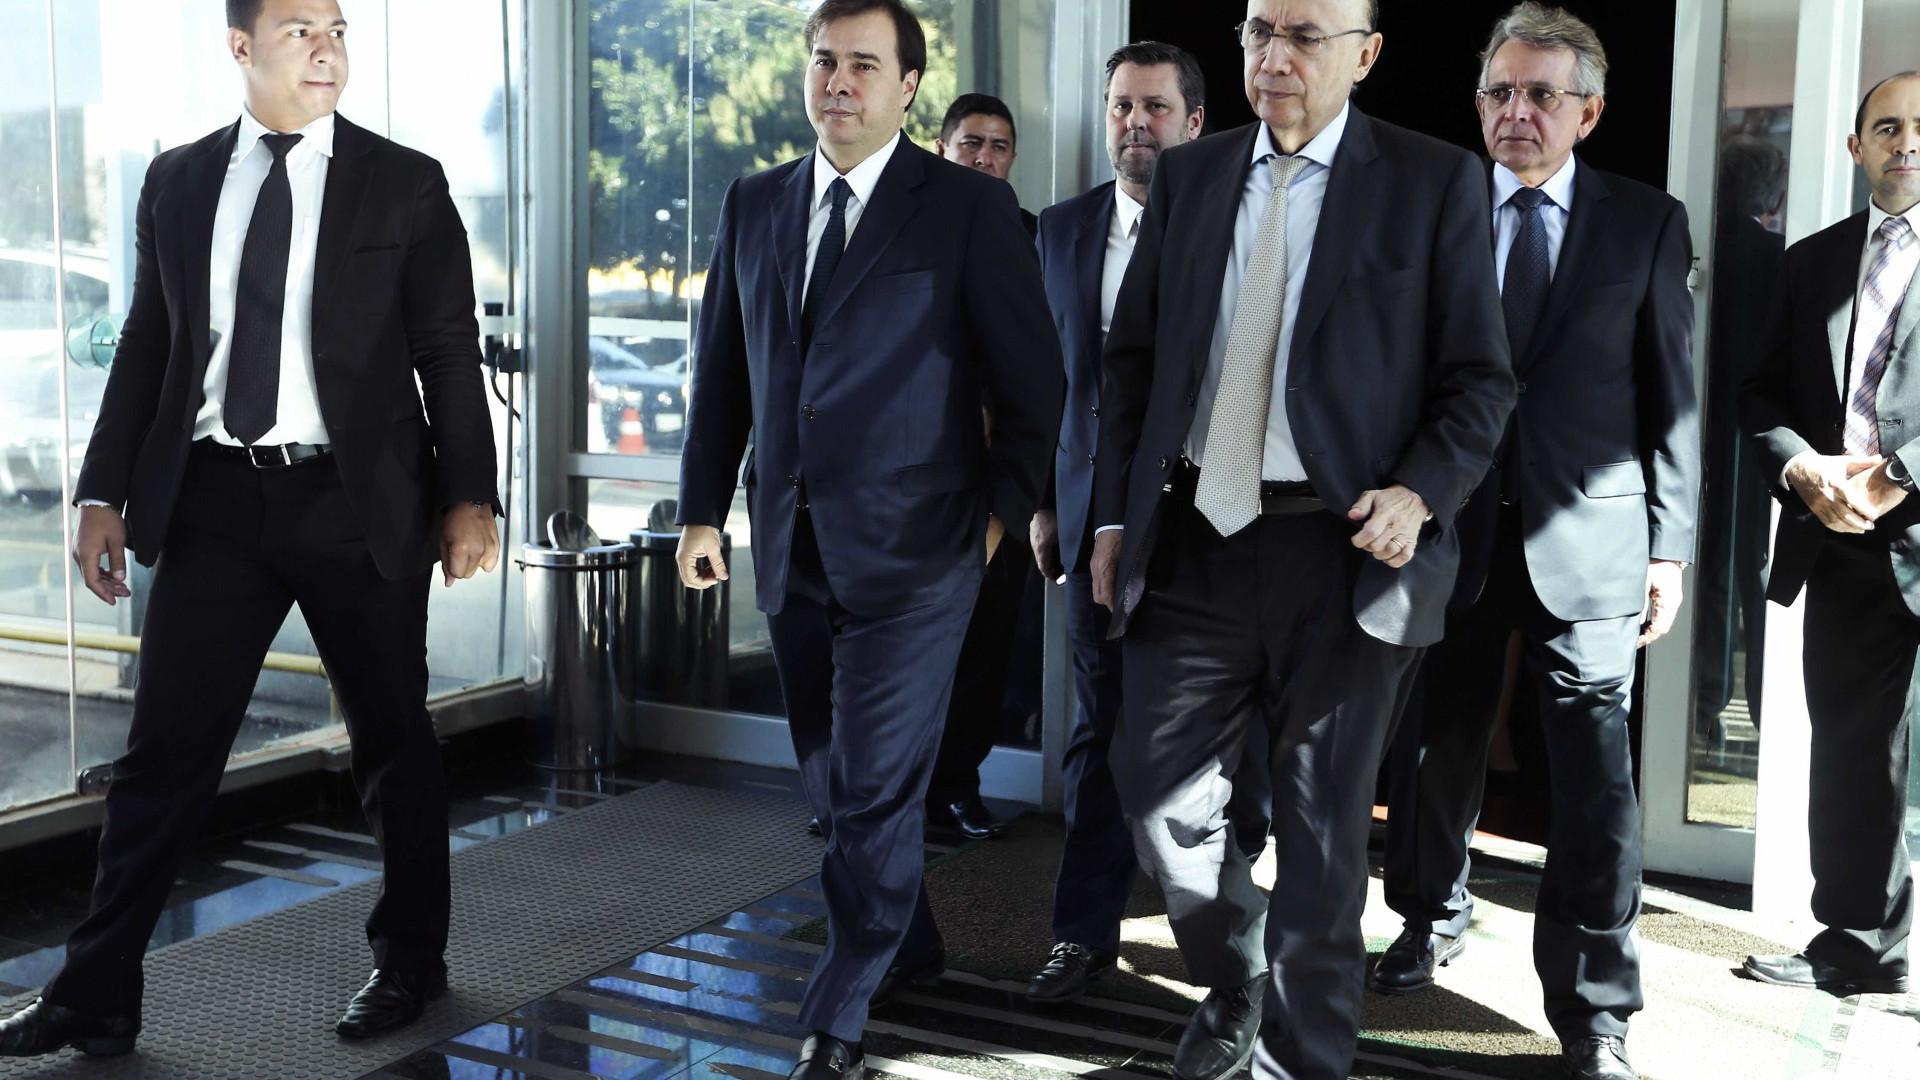 Prioridade do governo é aprovar a reforma da Previdência, diz Temer